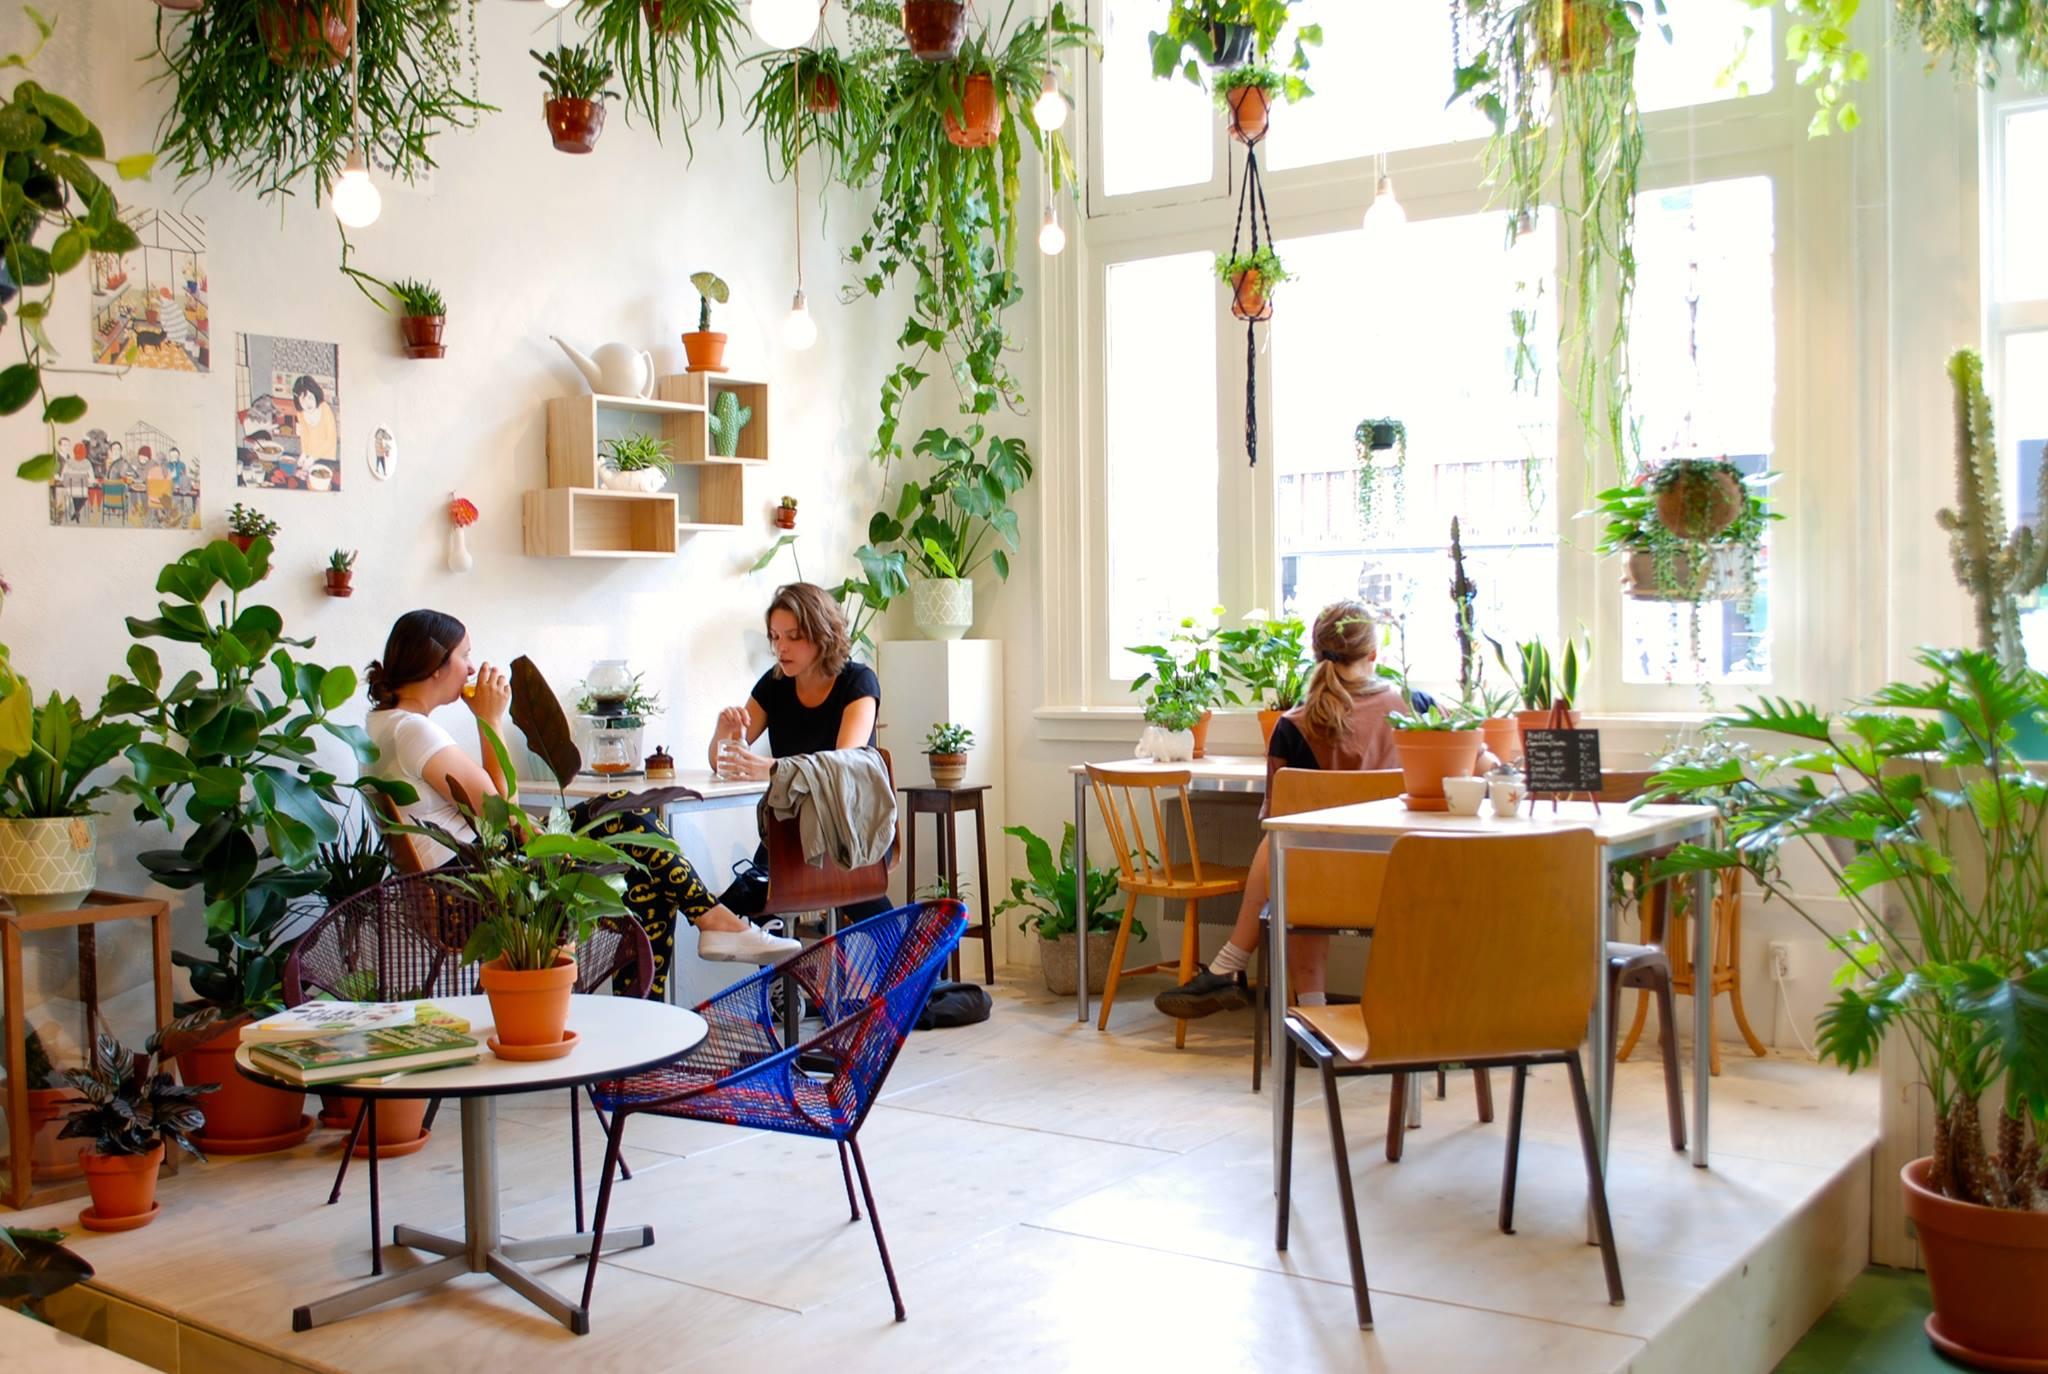 O The Plant Cafe Menu